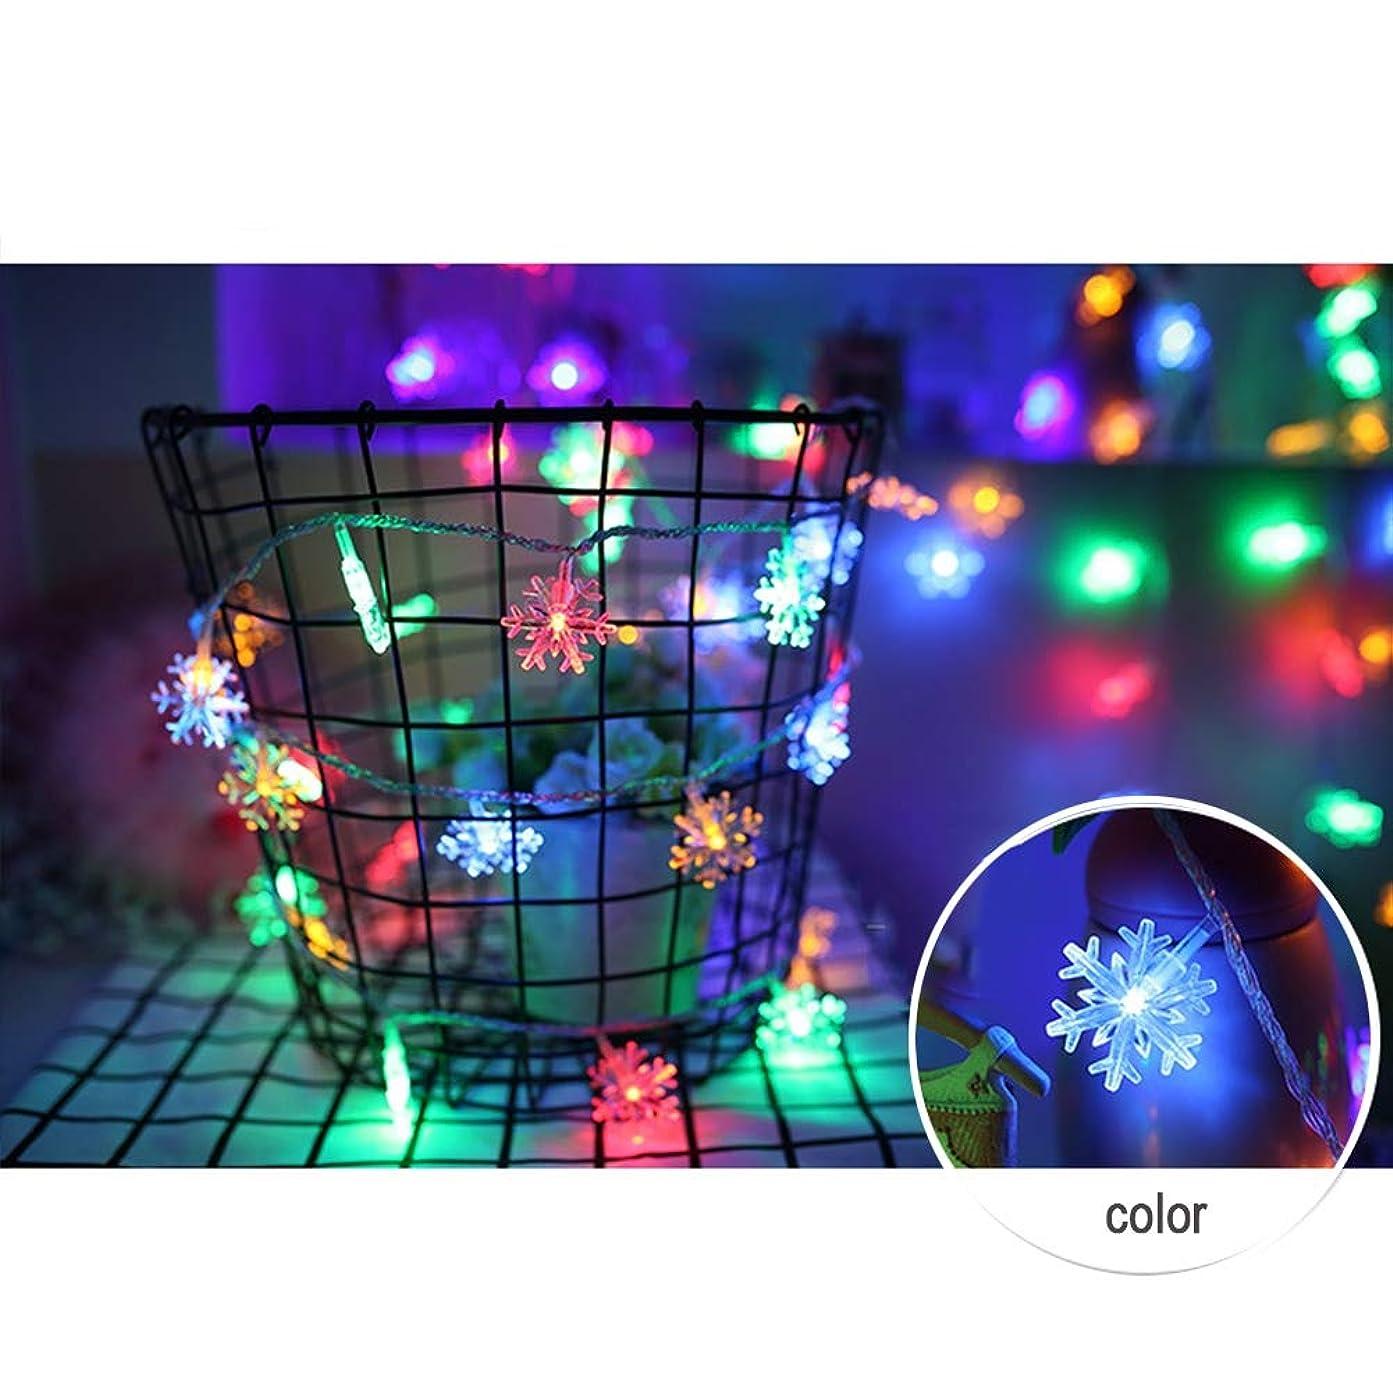 マーク概してインシュレータ電池式 ストリングライト - 防雨型 スノーフレークLEDイルミネ ーションライト ロマンチックな雰囲気を作る屋外用 ワイヤーライト イルミネーションライト、庭、パティオ、バルコニ、ークリスマス